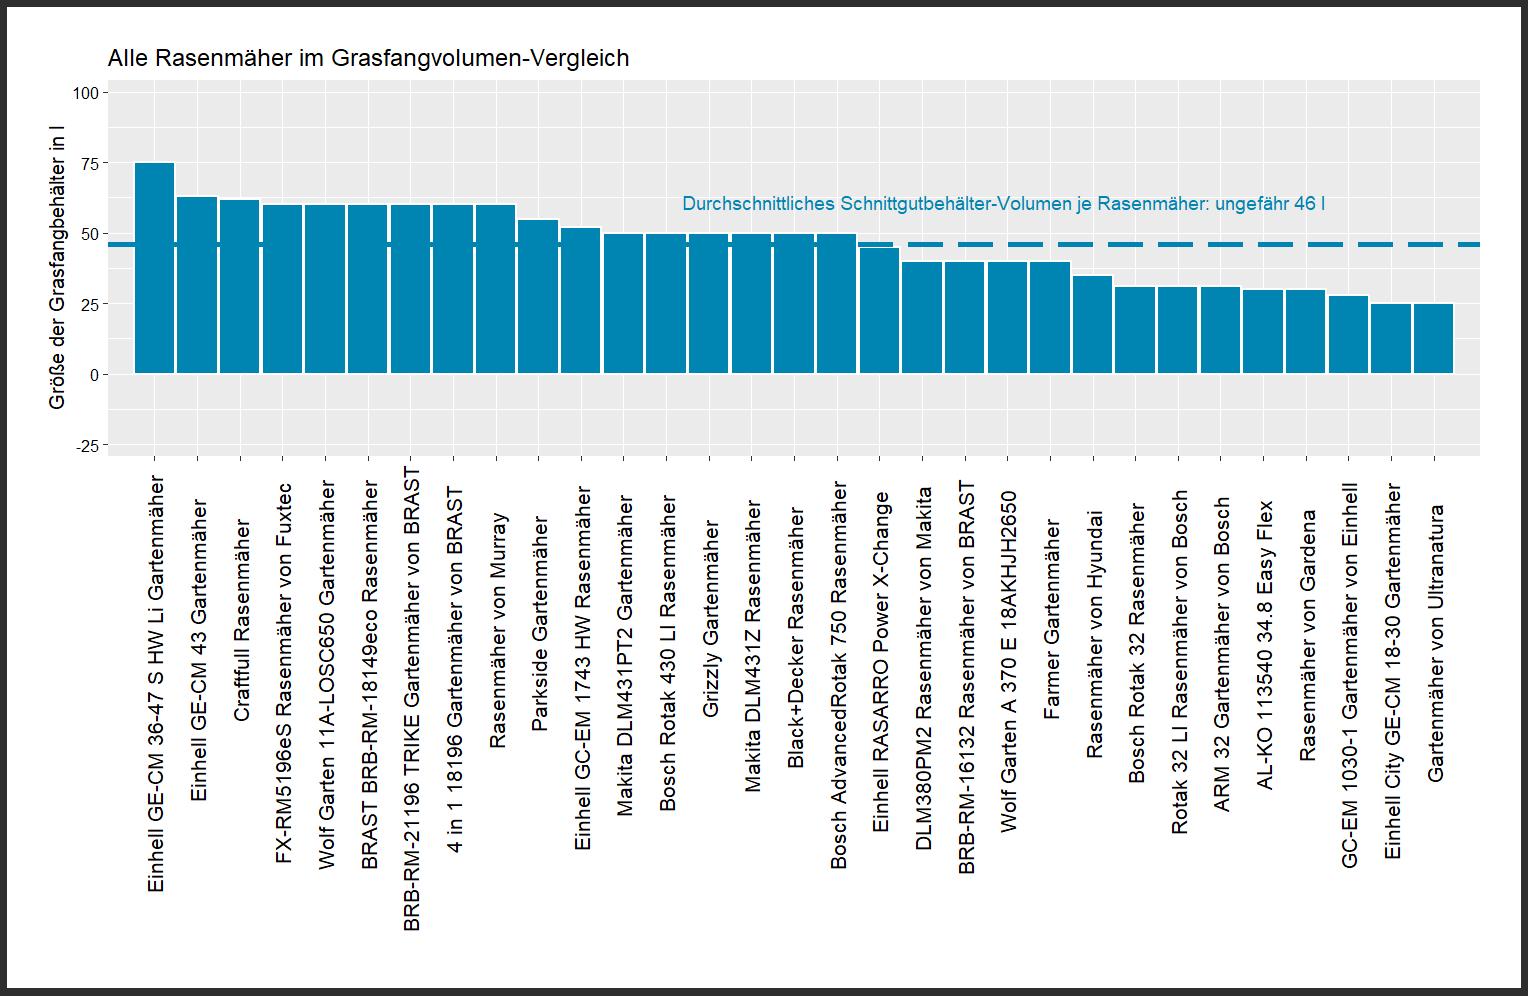 Fassungsvolumen-Vergleich aller Rasenmäher